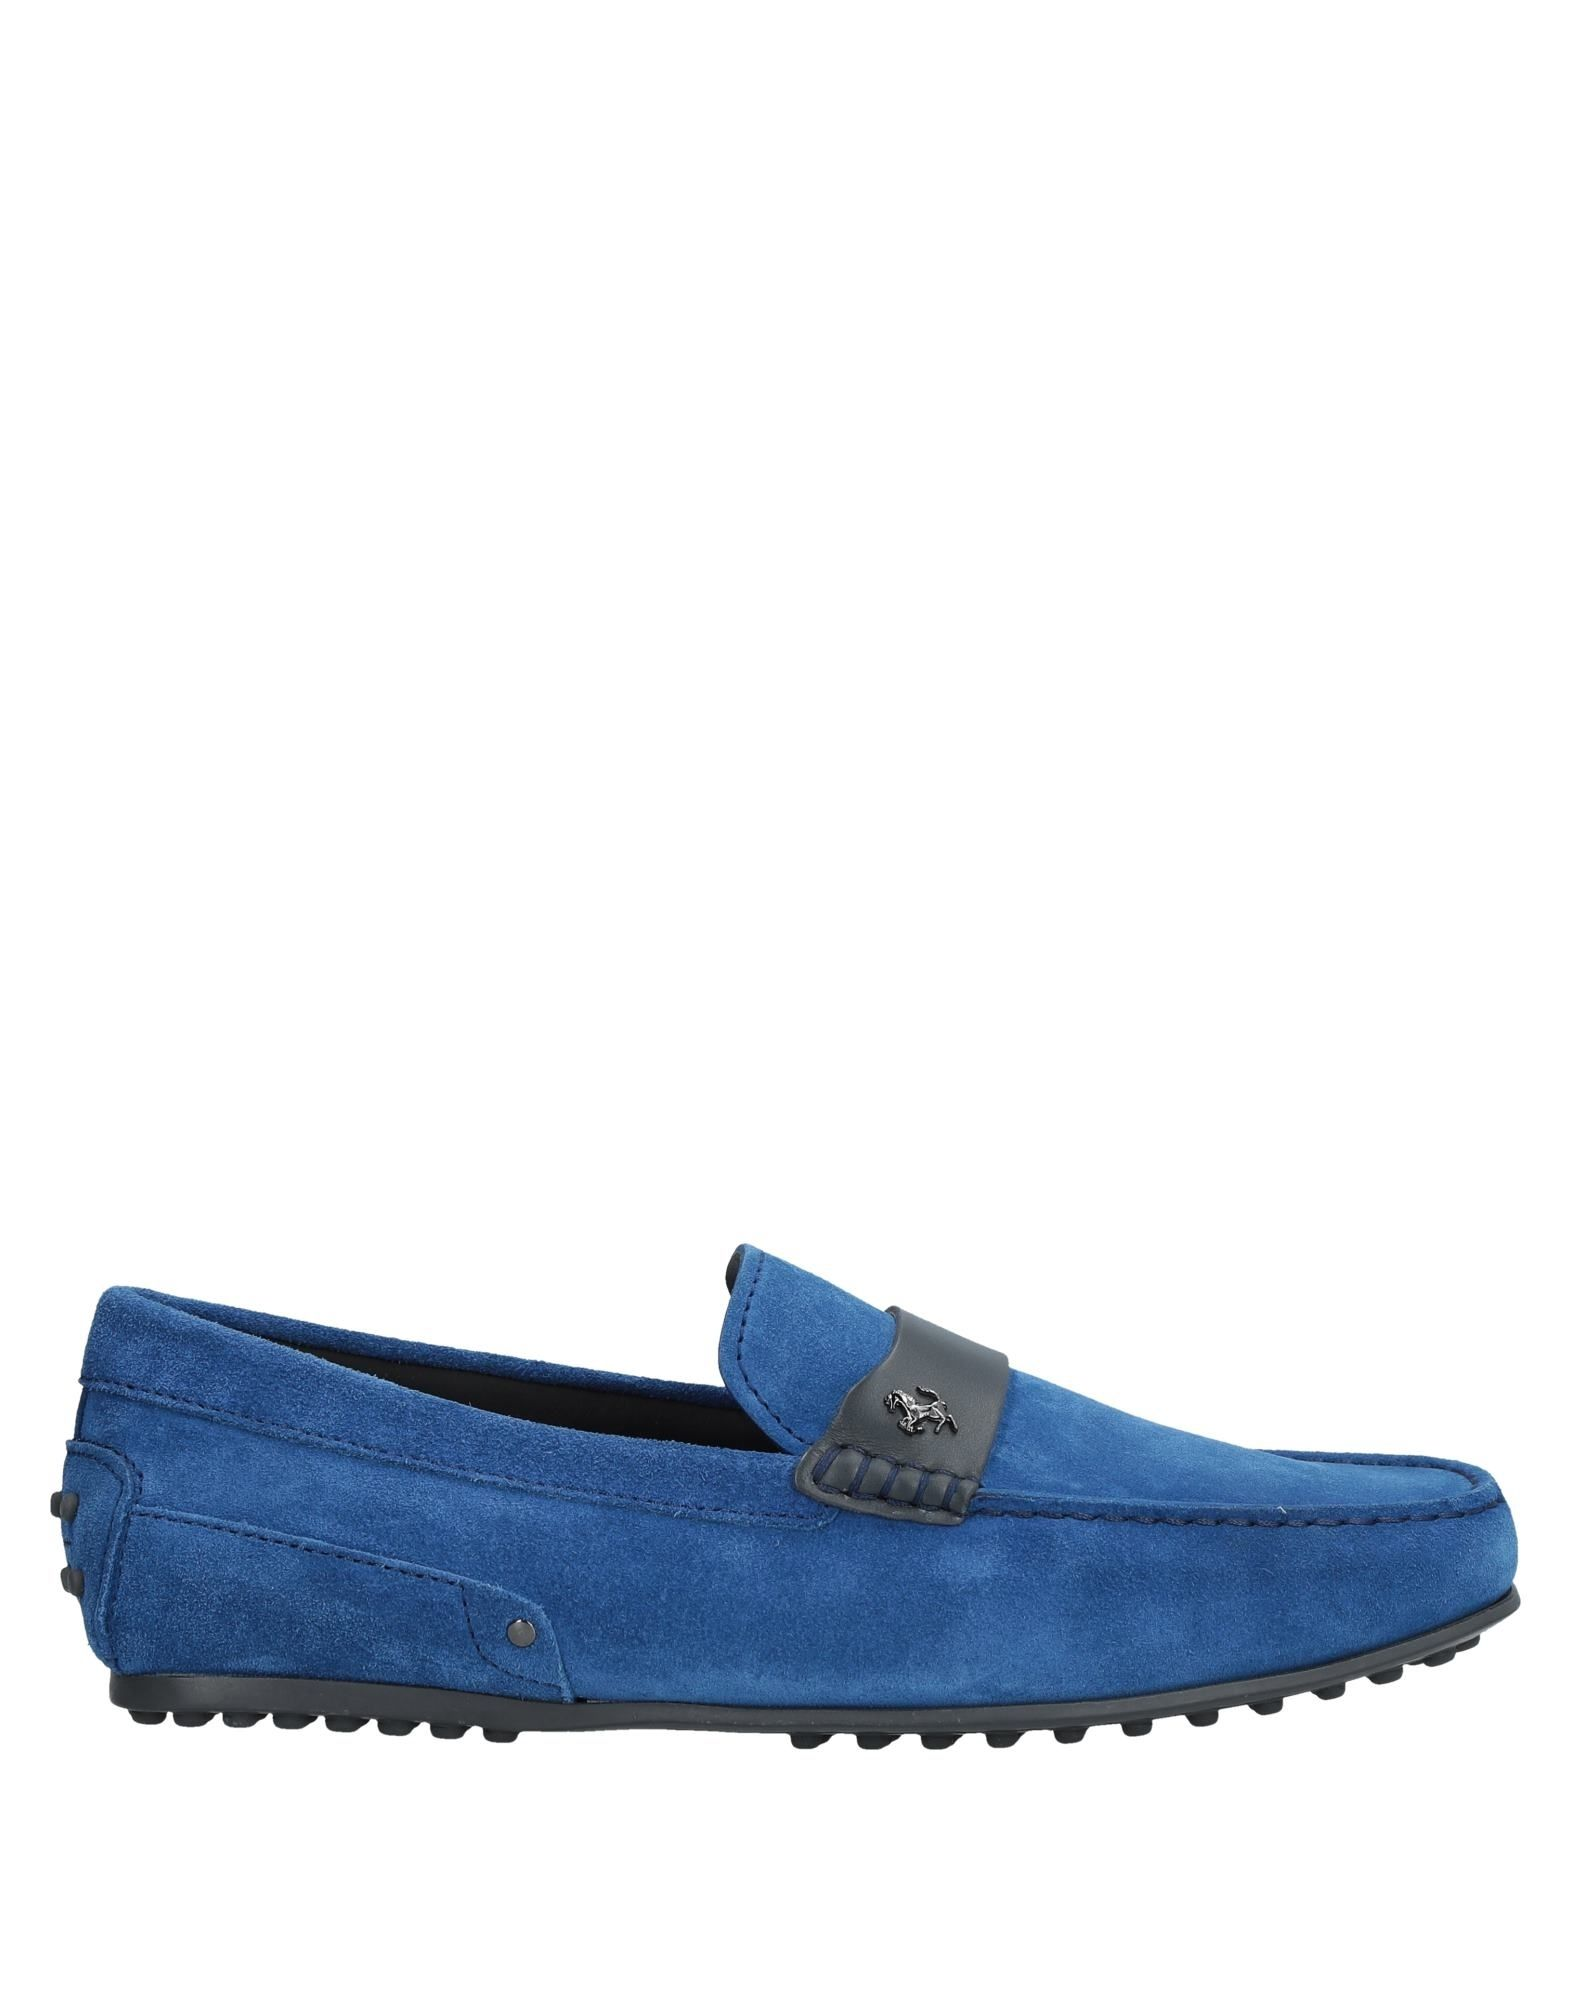 Tod's For Ferrari Mokassins Herren  11354318XV Gute Qualität beliebte Schuhe